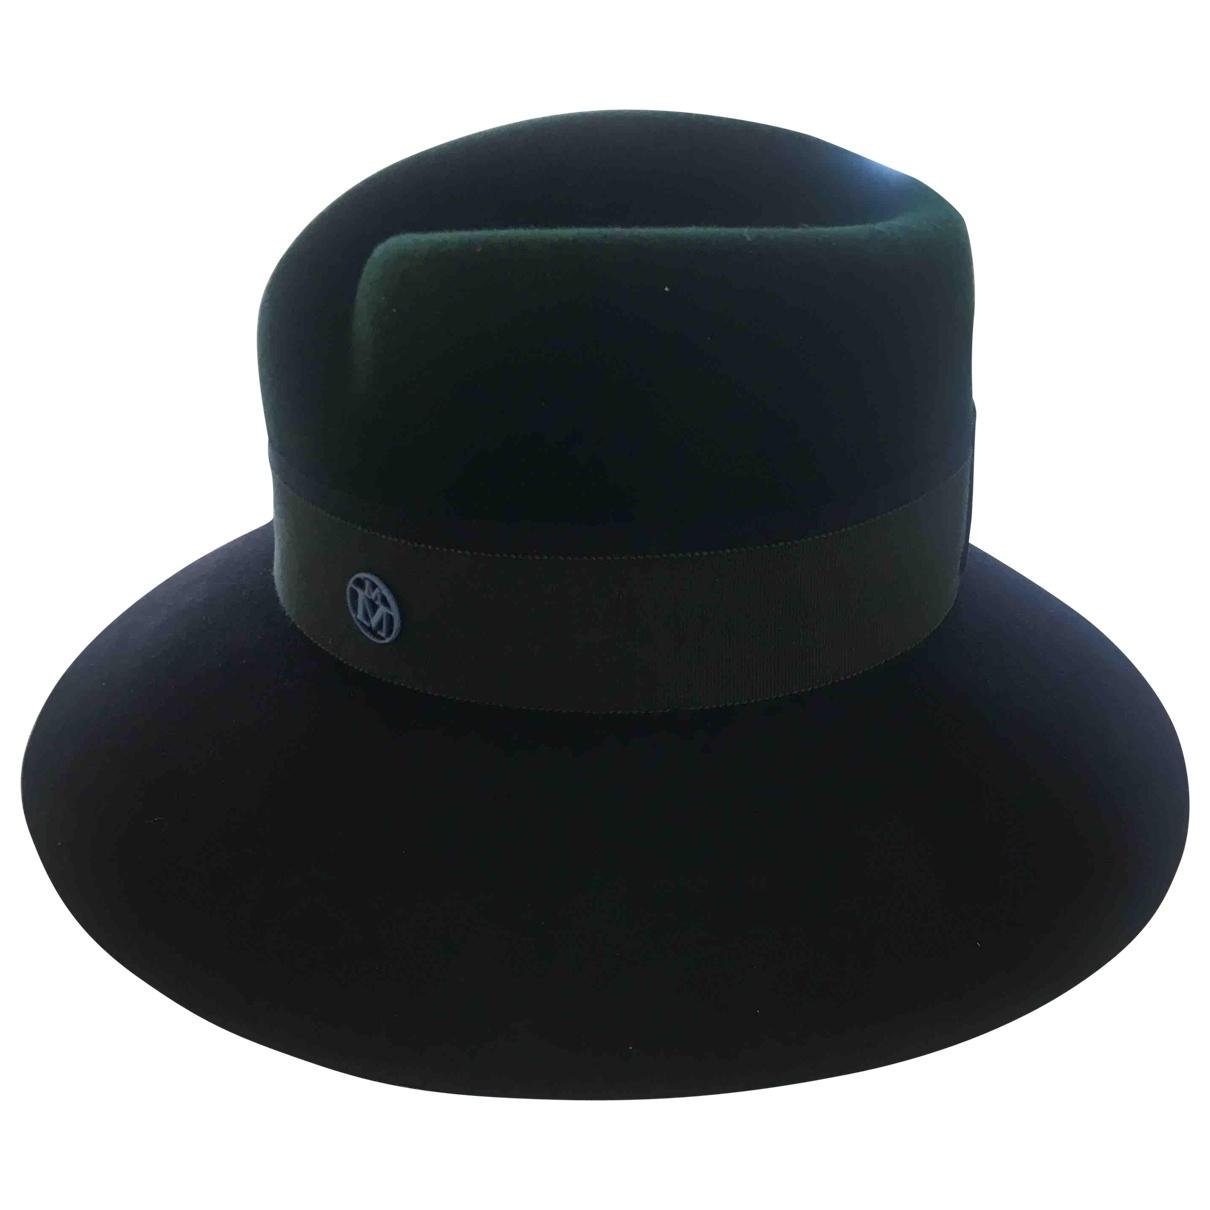 Maison Michel \N Wool hat for Women S